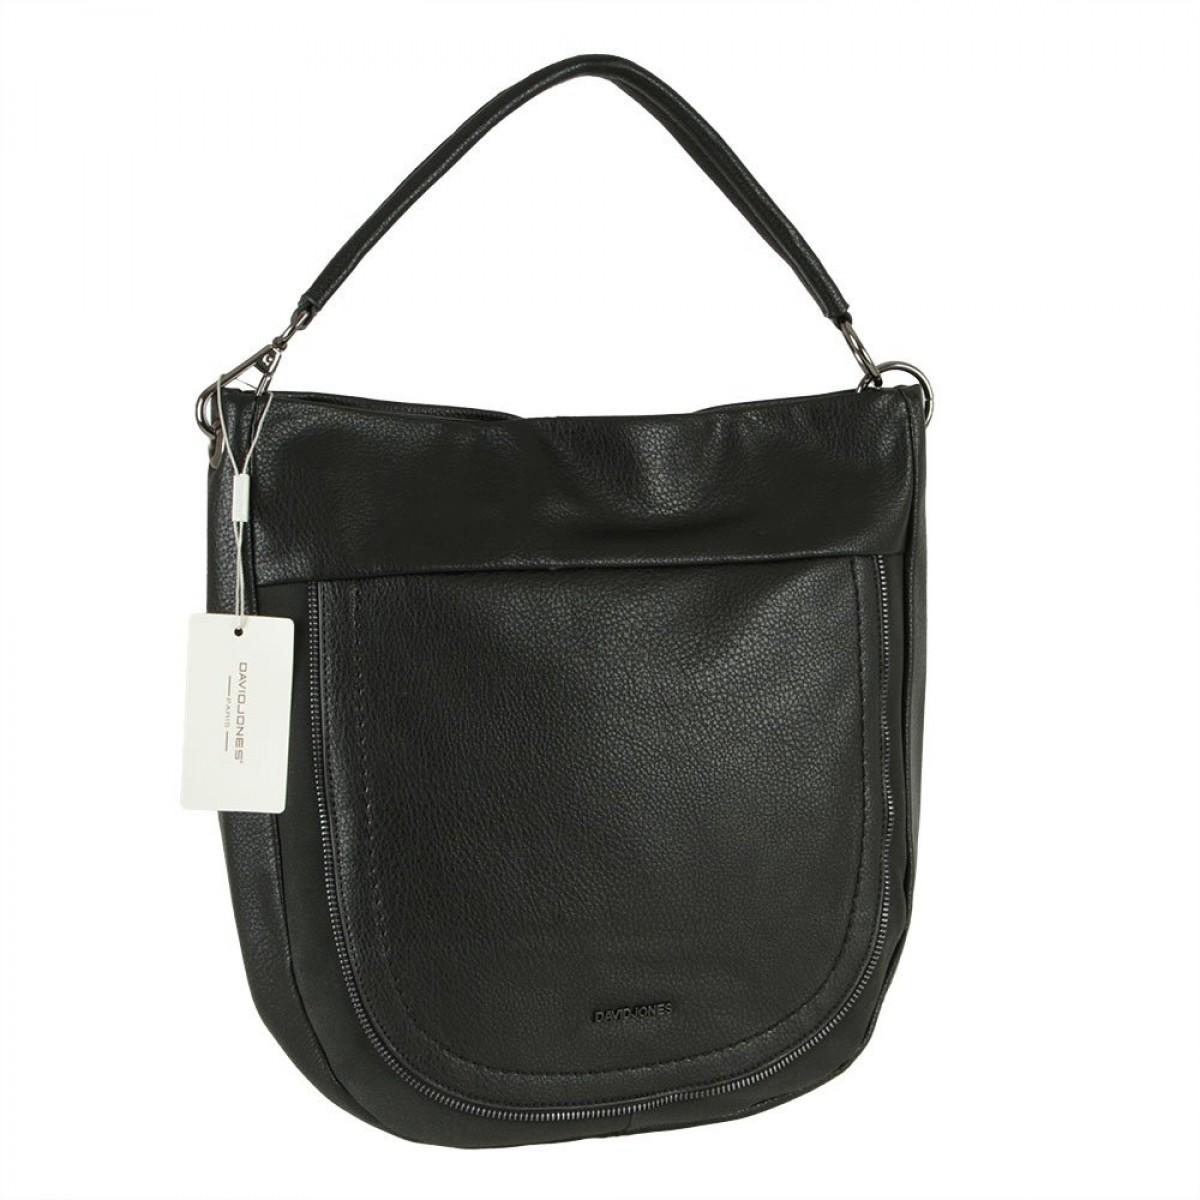 Жіноча сумка David Jones CM5837 BLACK